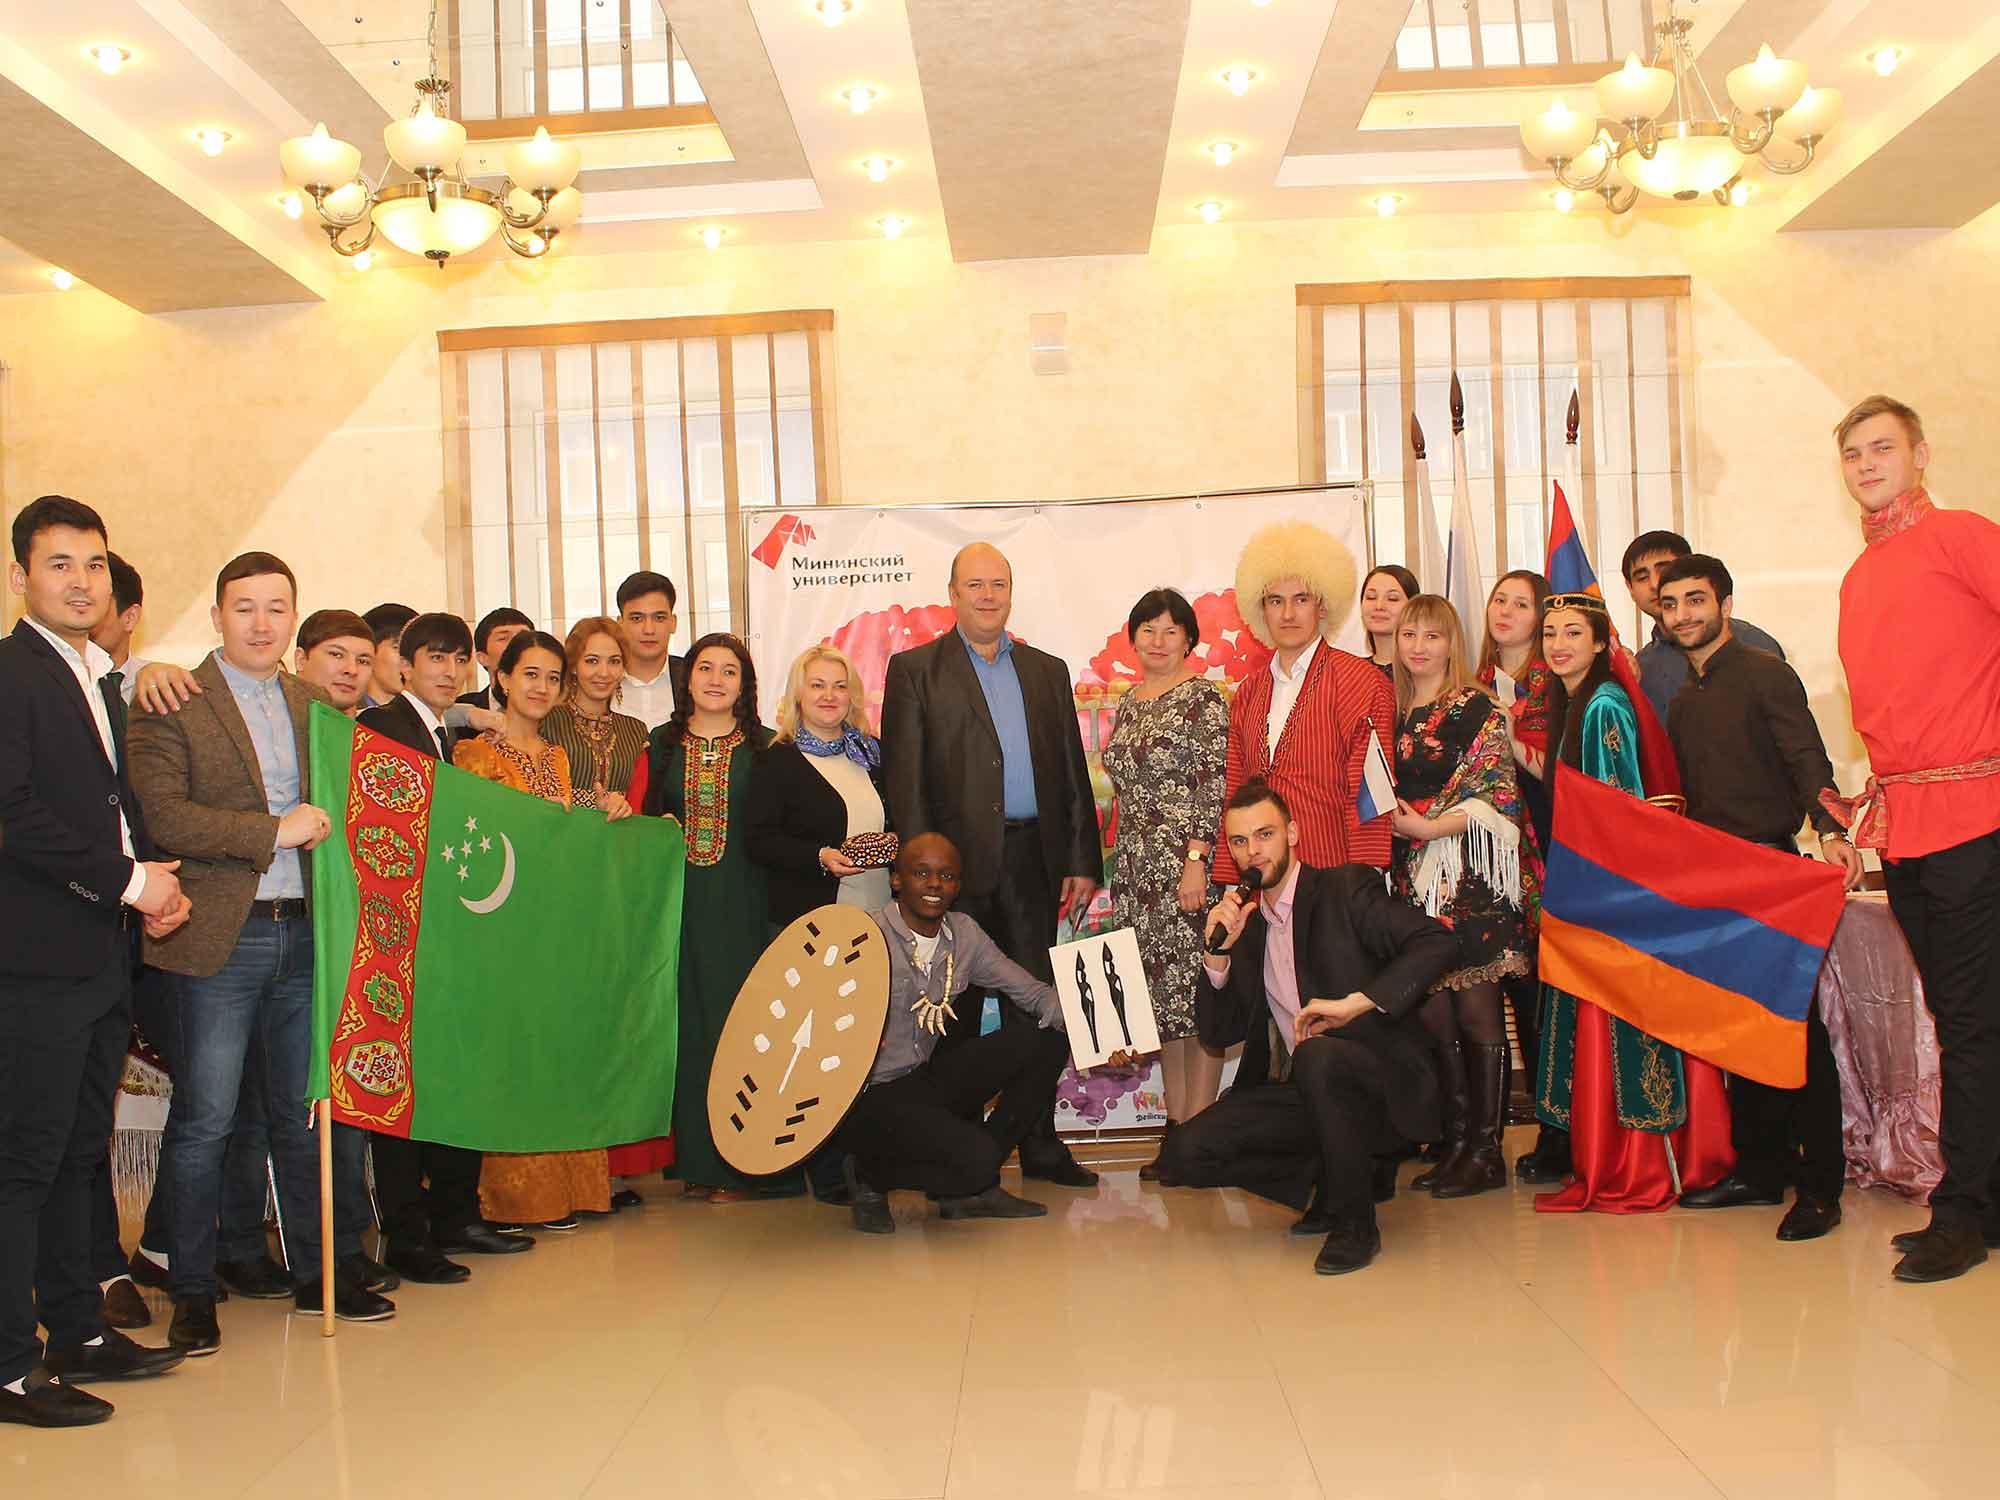 Фестиваль народов мира объединил студентов разных стран